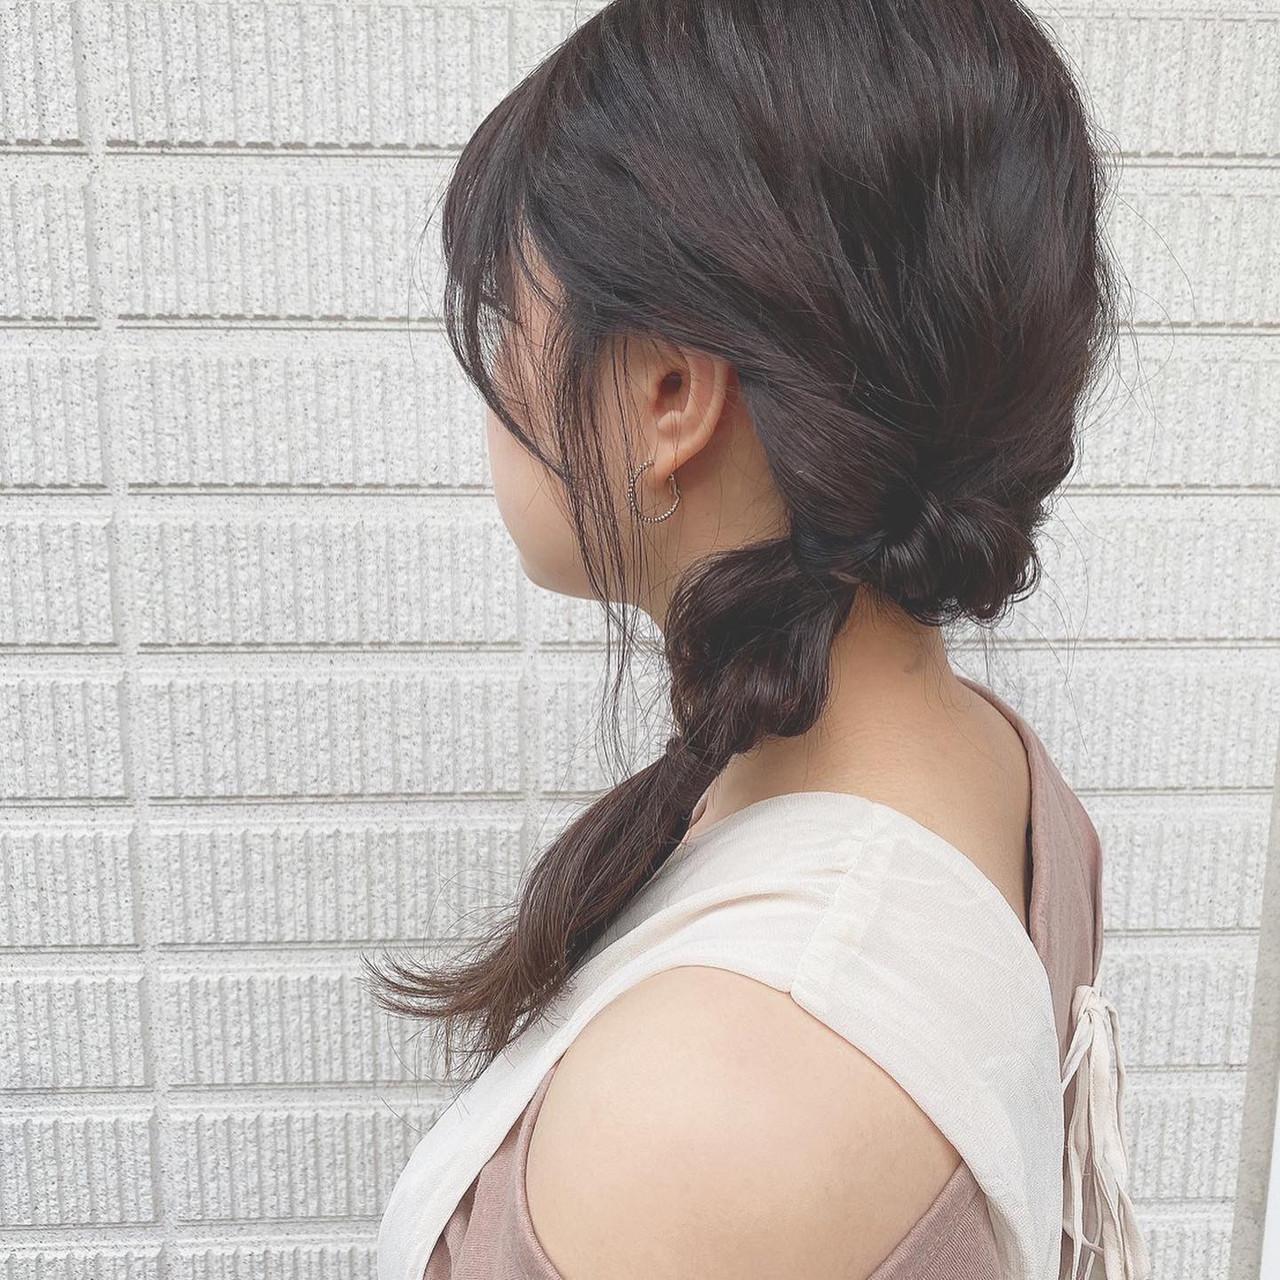 ヘアアレンジ 横顔美人 フェミニン ミディアム ヘアスタイルや髪型の写真・画像